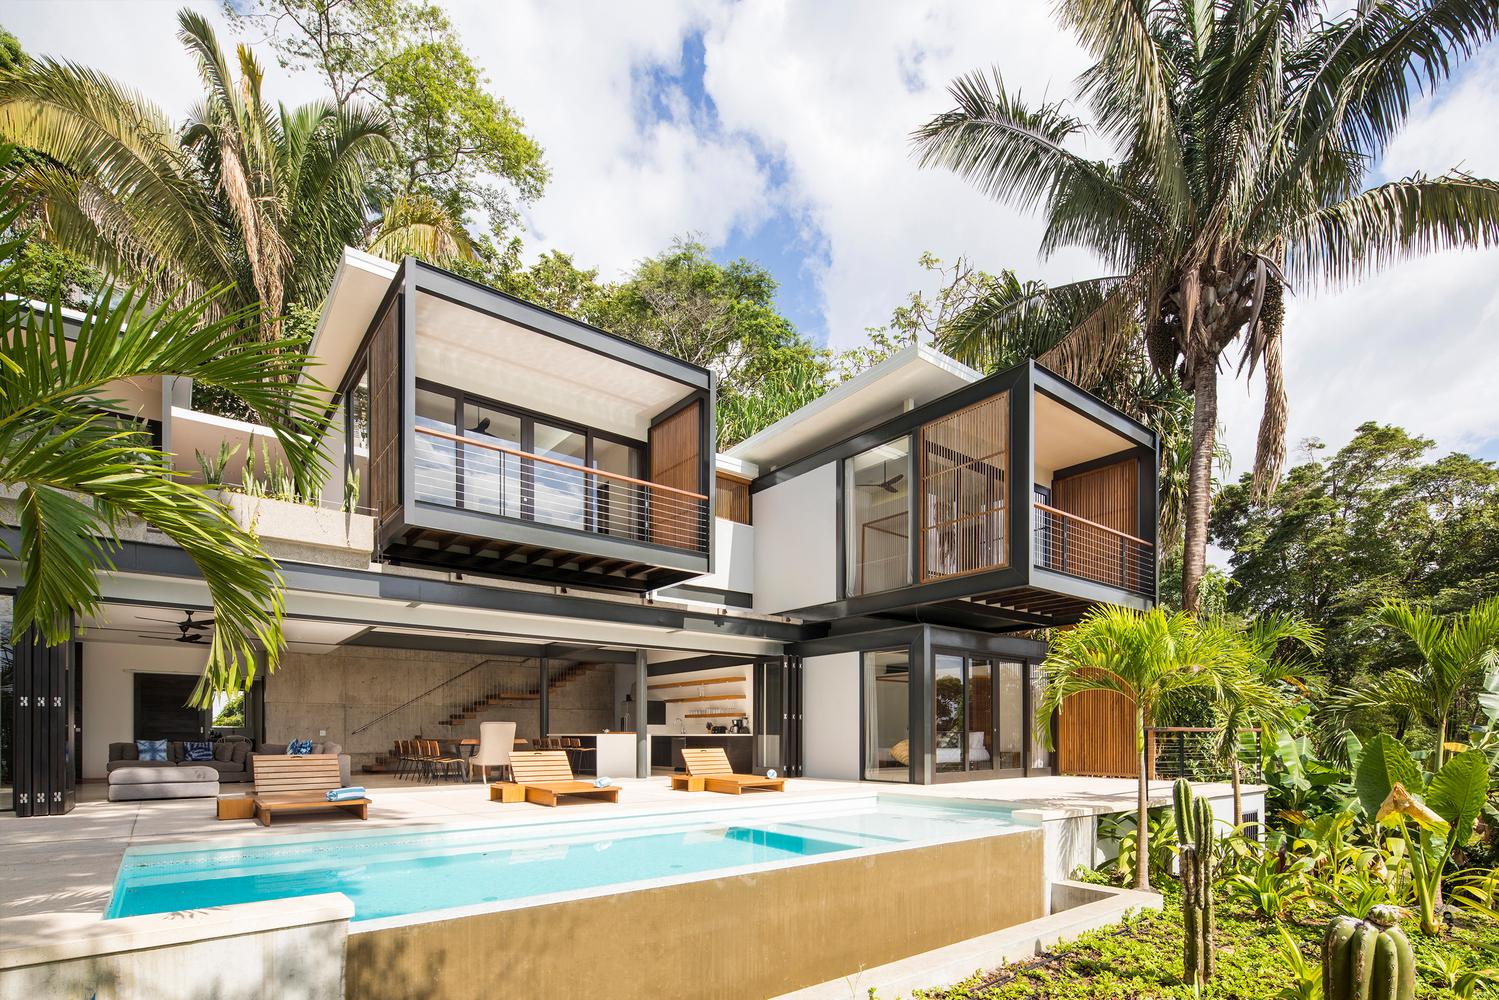 Le più belle case in vendita a prato. Case Da Sogno Interni Arredamento Americane E Moderne